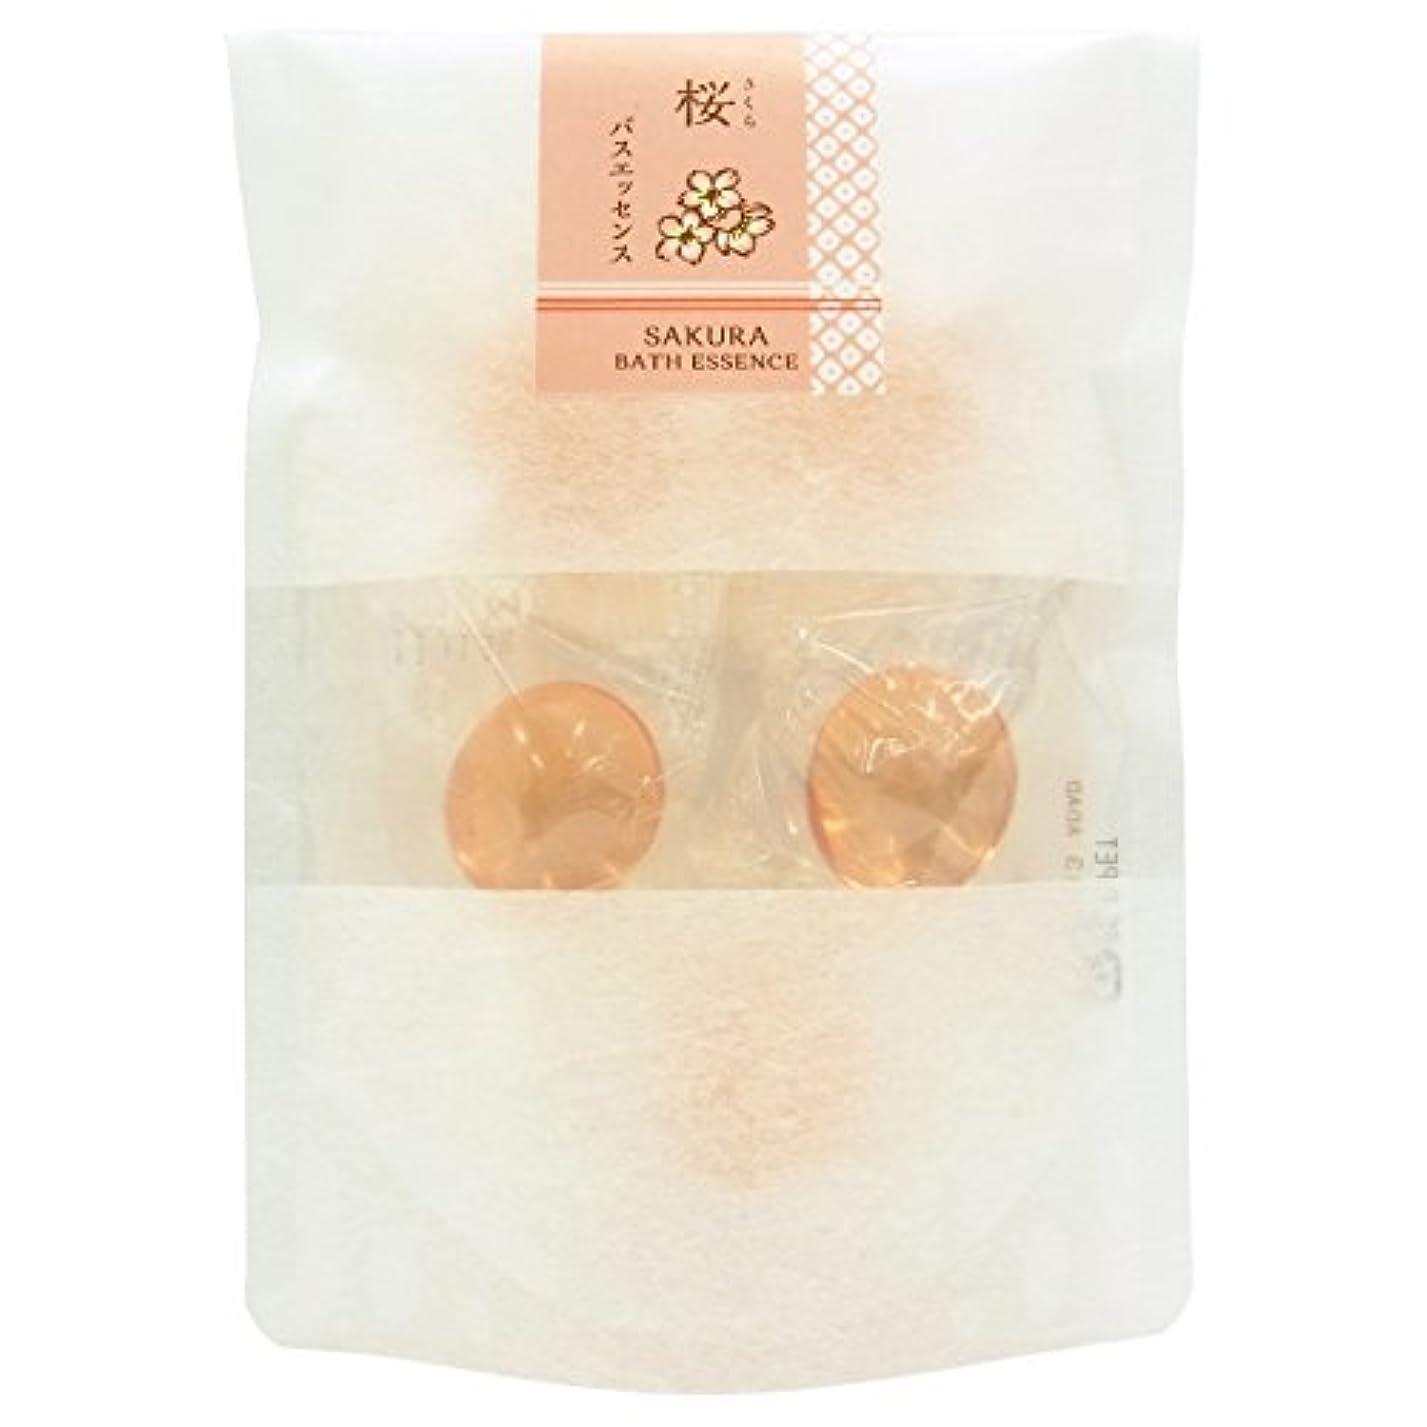 ドリンク階層ダウン和の湯 バスエッセンス 桜 (8g × 5個)